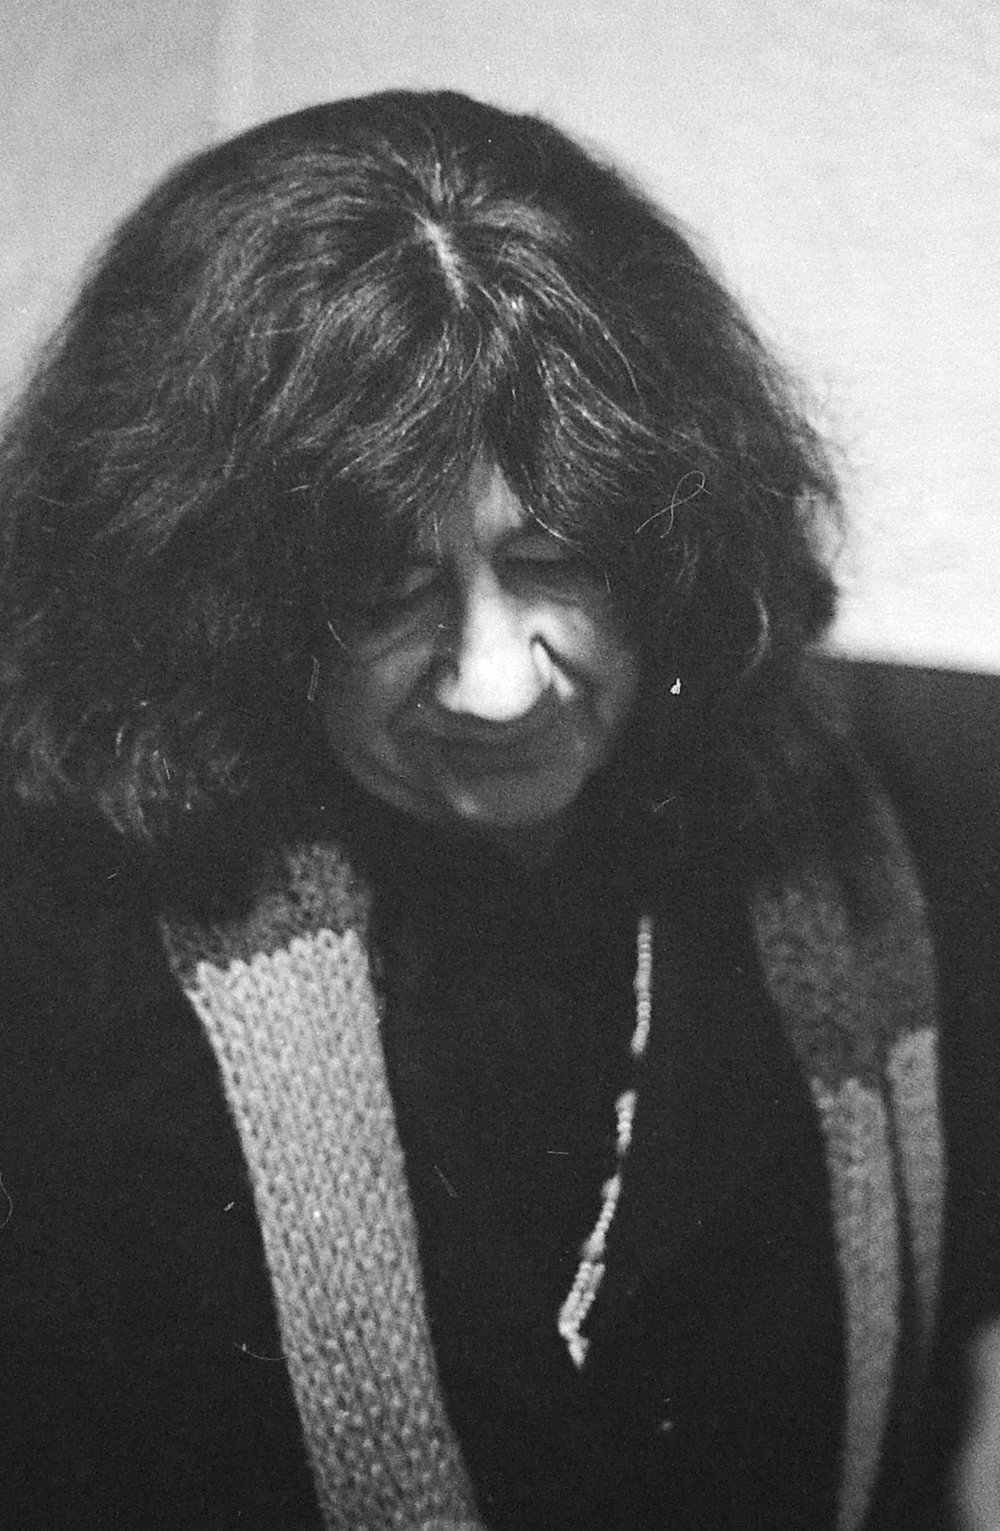 Leland Bardwell Dublin 1970s.JPG